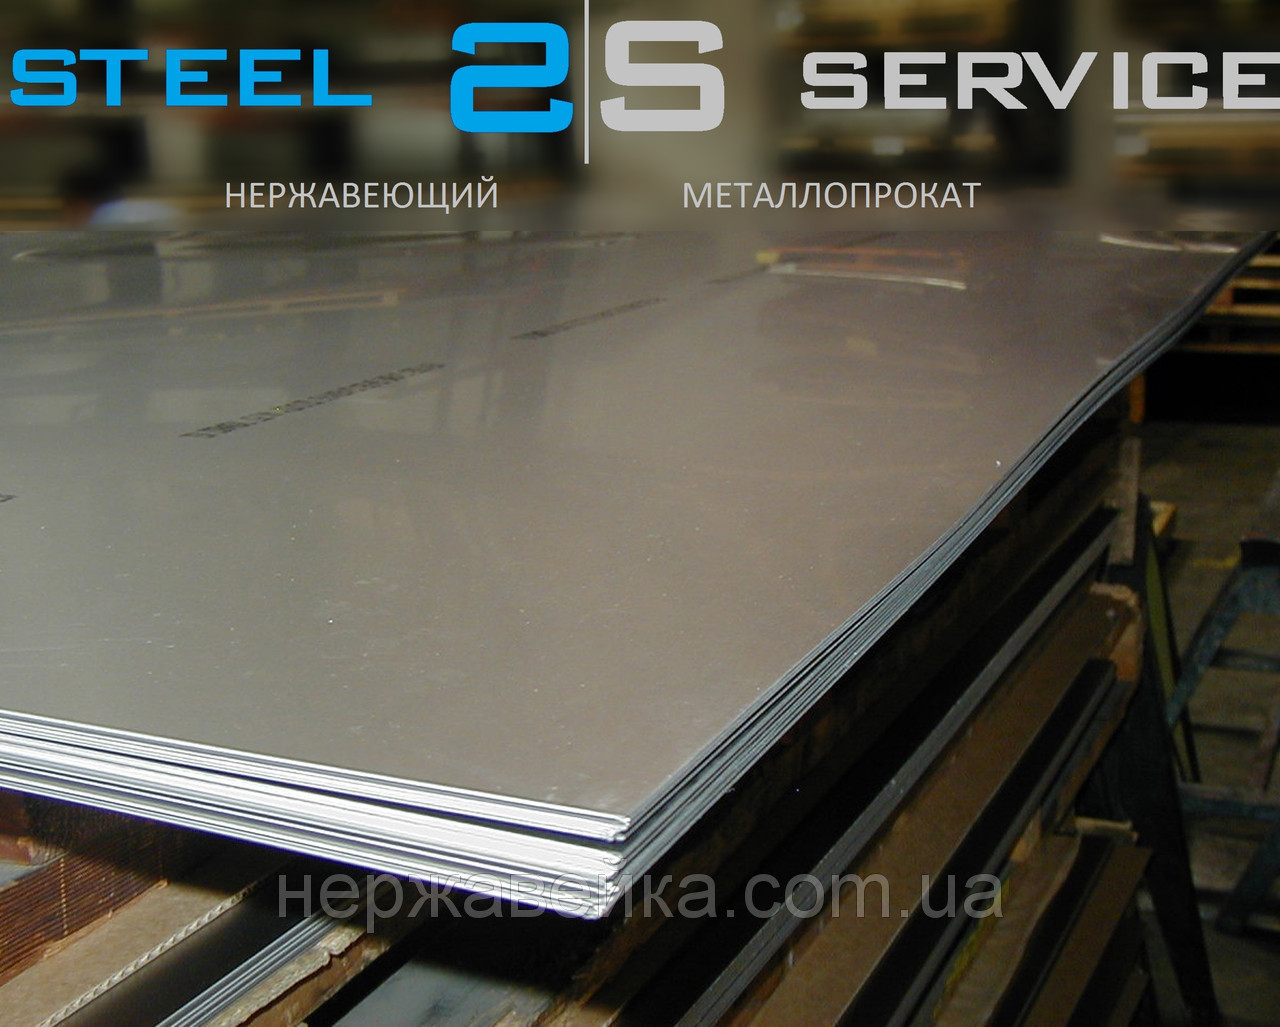 Нержавеющий лист 3х1250х2500мм  AISI 310(20Х23Н18) 2B - матовый,  жаропрочный